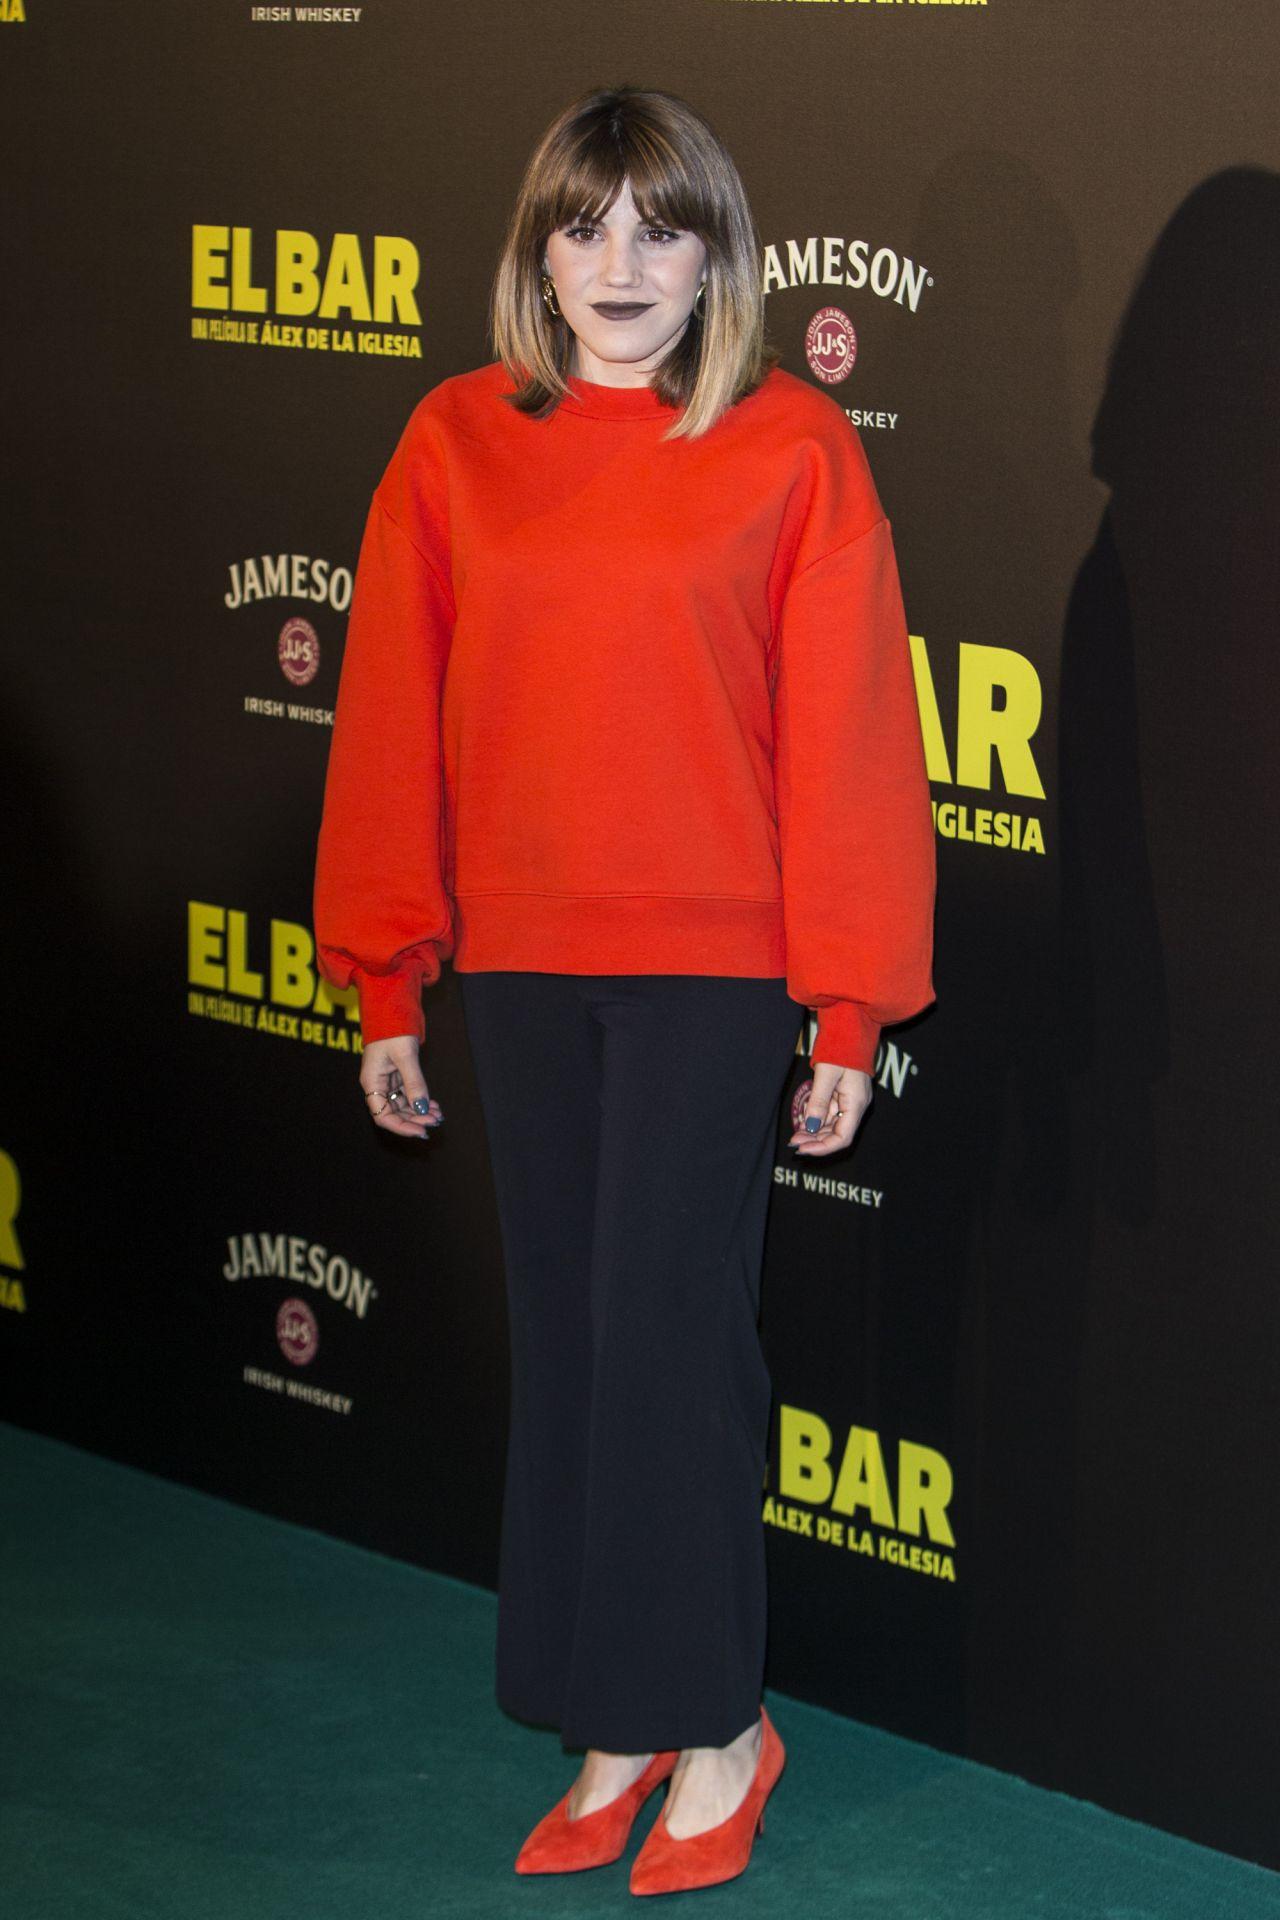 """Angy Fernández Videos Porno angy fernández – """"el bar"""" movie premiere in madrid 3/22/ 2017"""